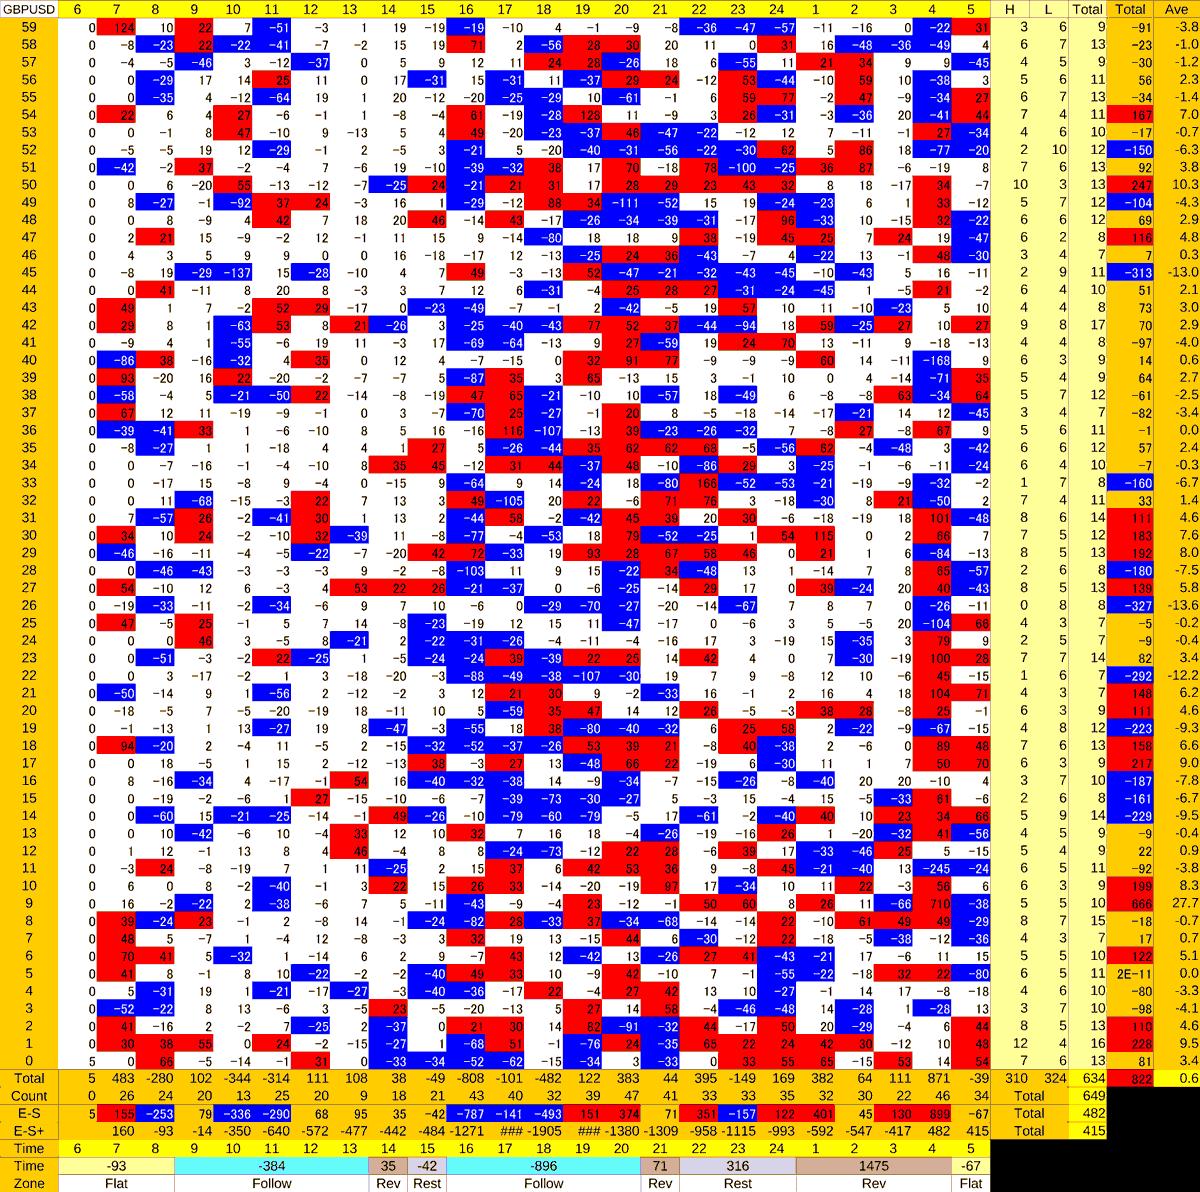 20201221_HS(2)GBPUSD